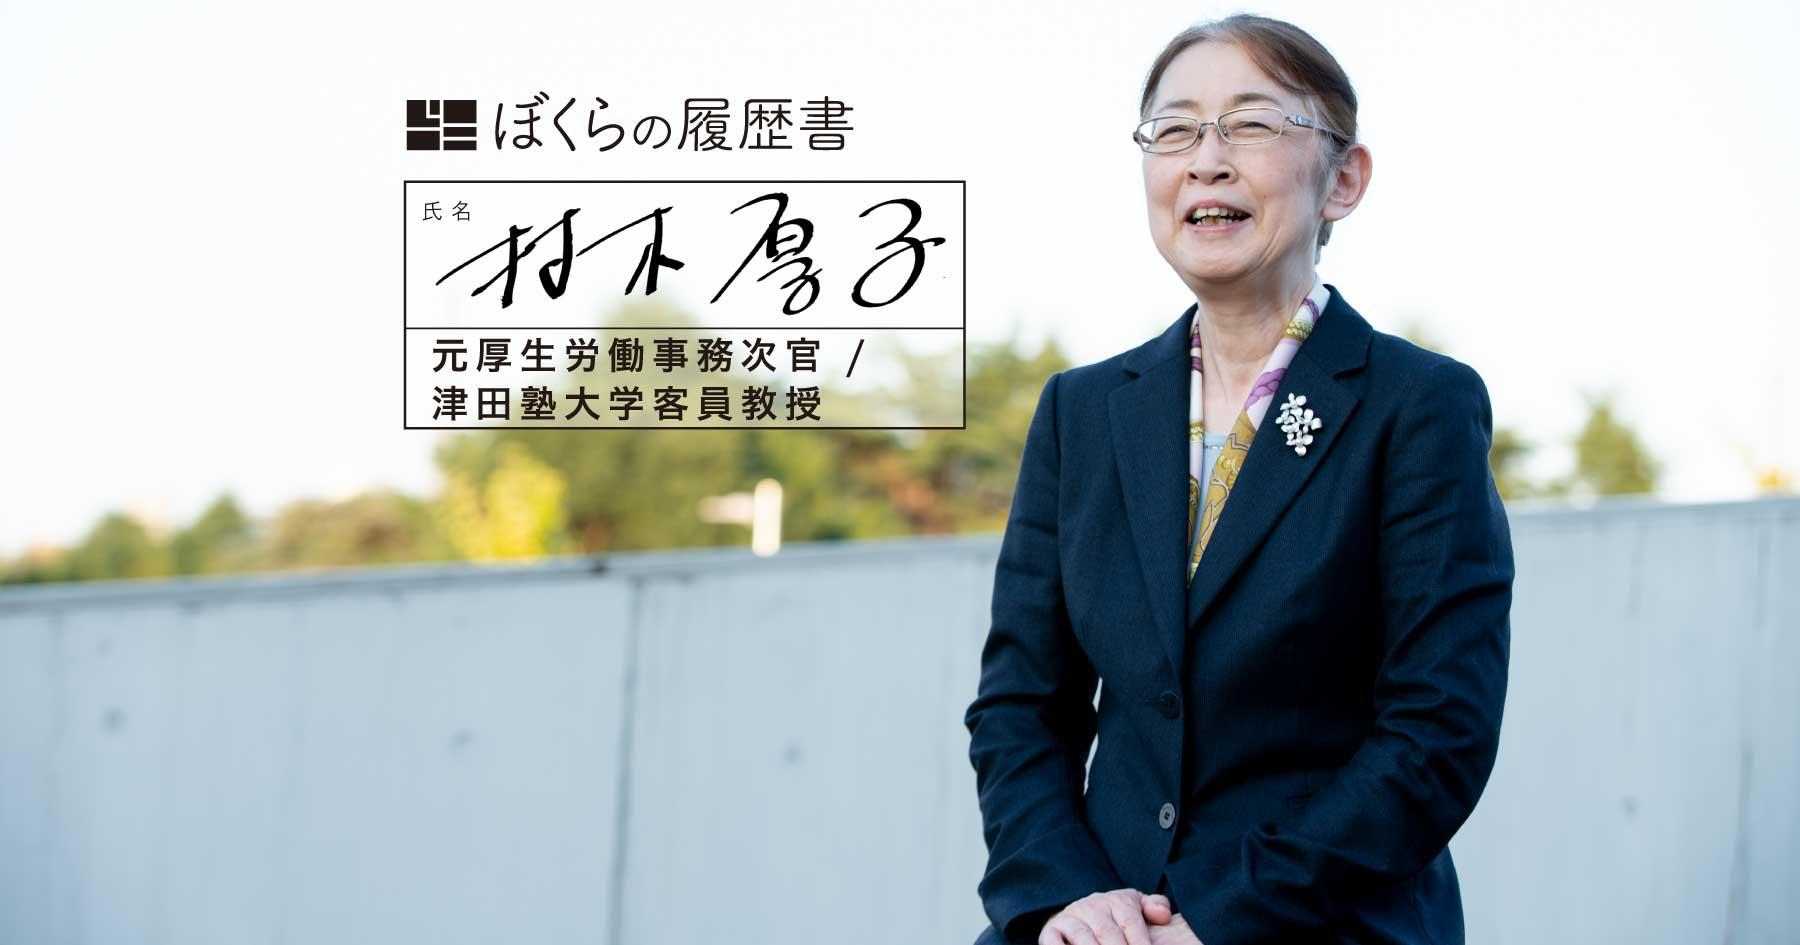 村木厚子さんの履歴書メインカット